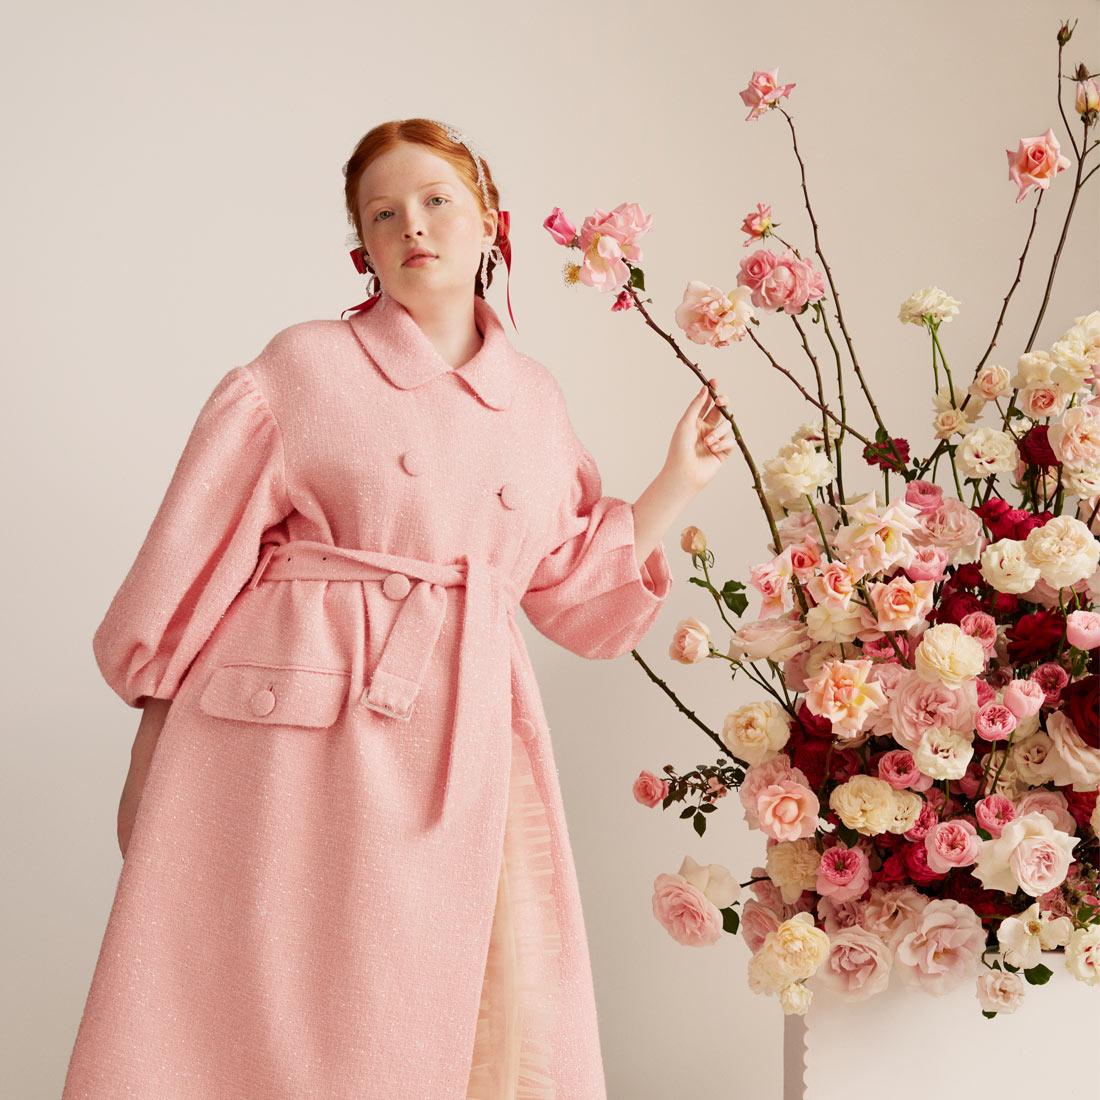 Simone Rocha HM Pink Outerwear